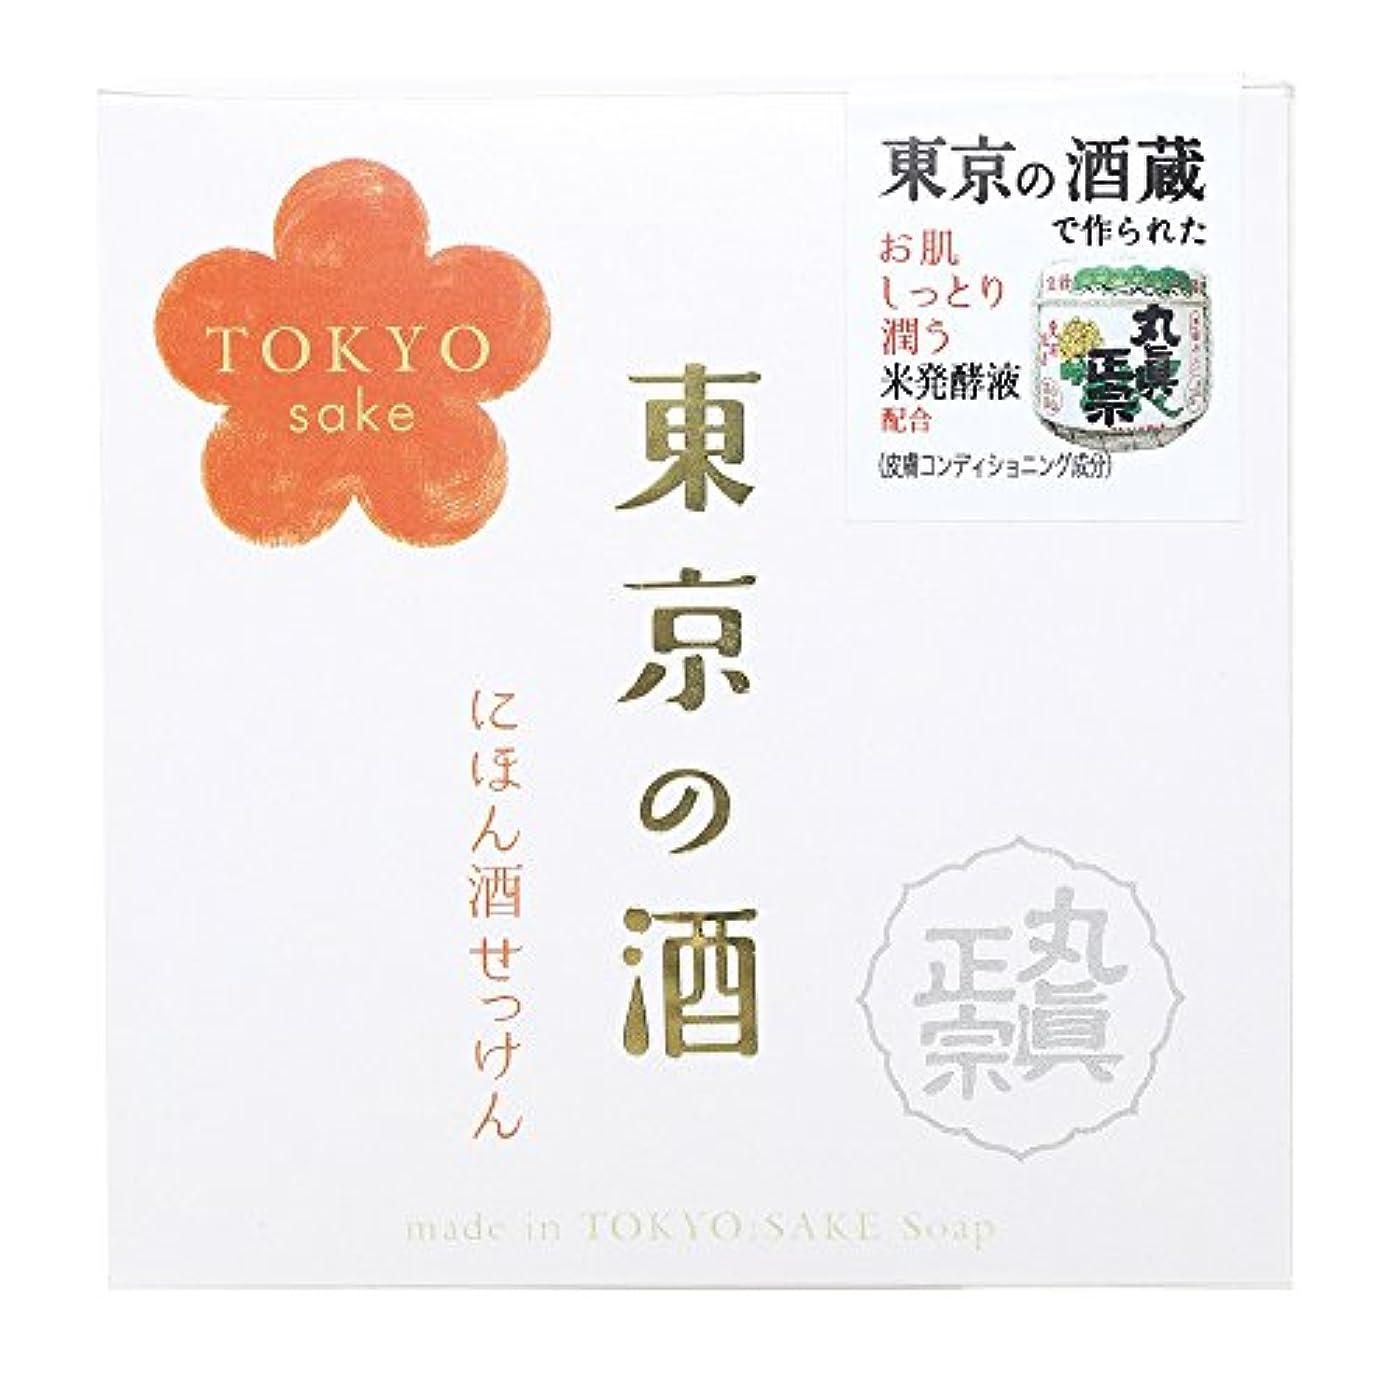 植物学者ジョージハンブリー防止ノルコーポレーション 東京の酒 石けん OB-TKY-1-1 100g